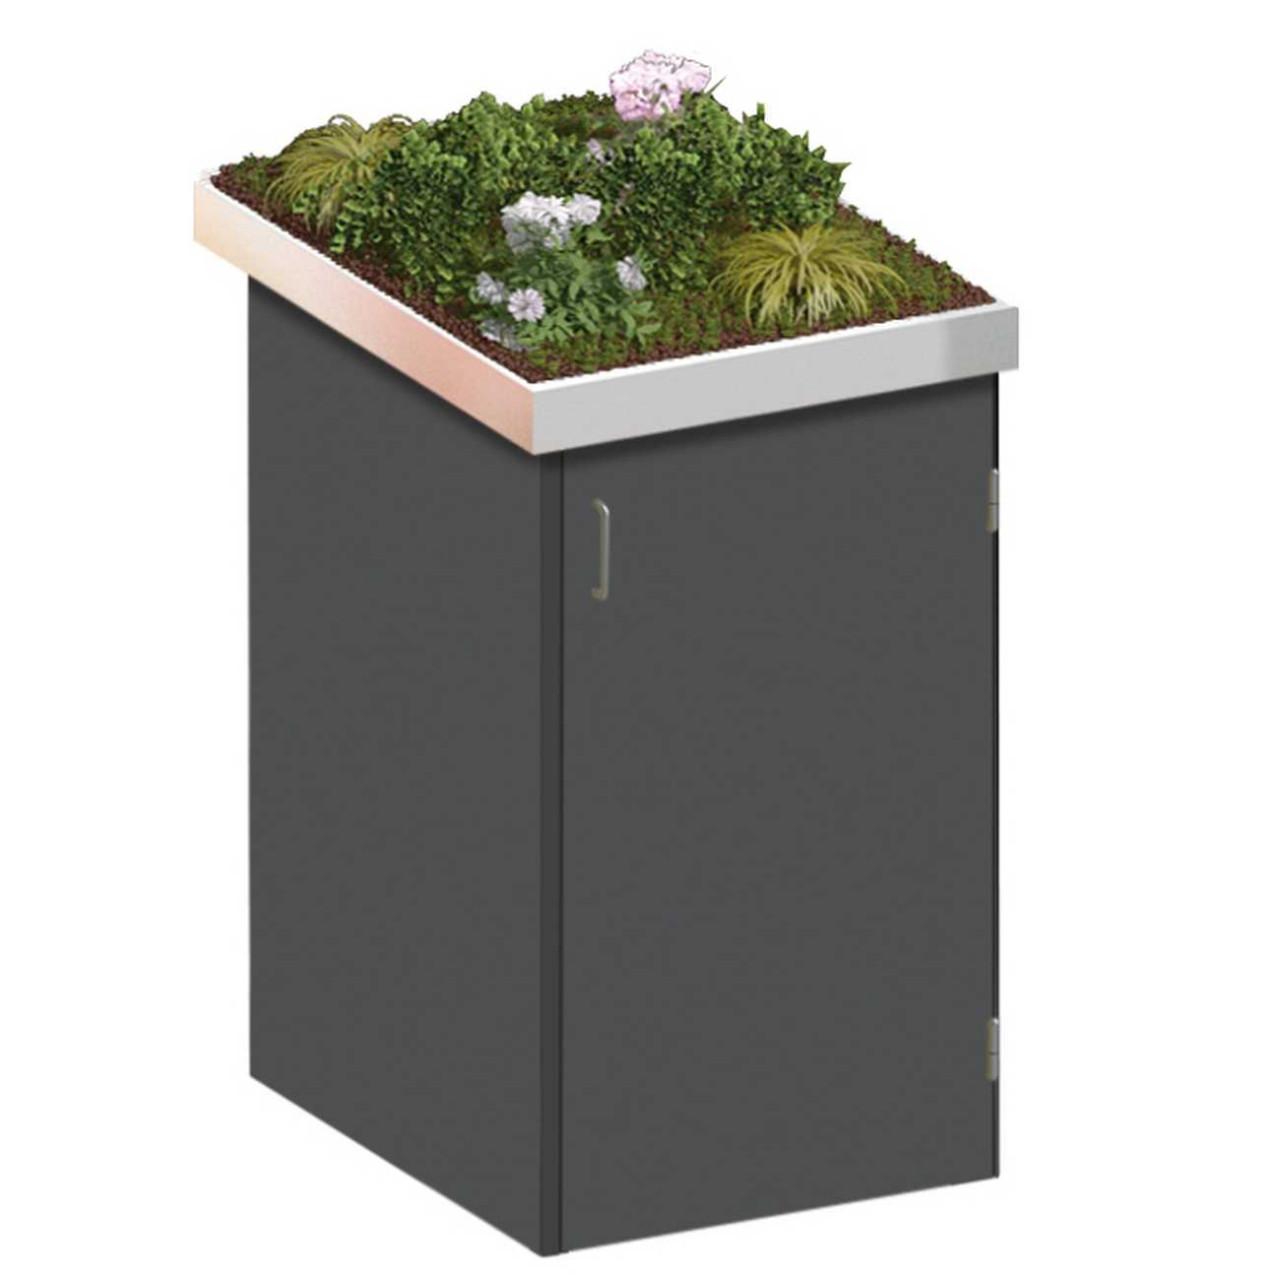 Binto Mülltonnenbox HPL Schiefer mit Edelstahl Pflanzschale